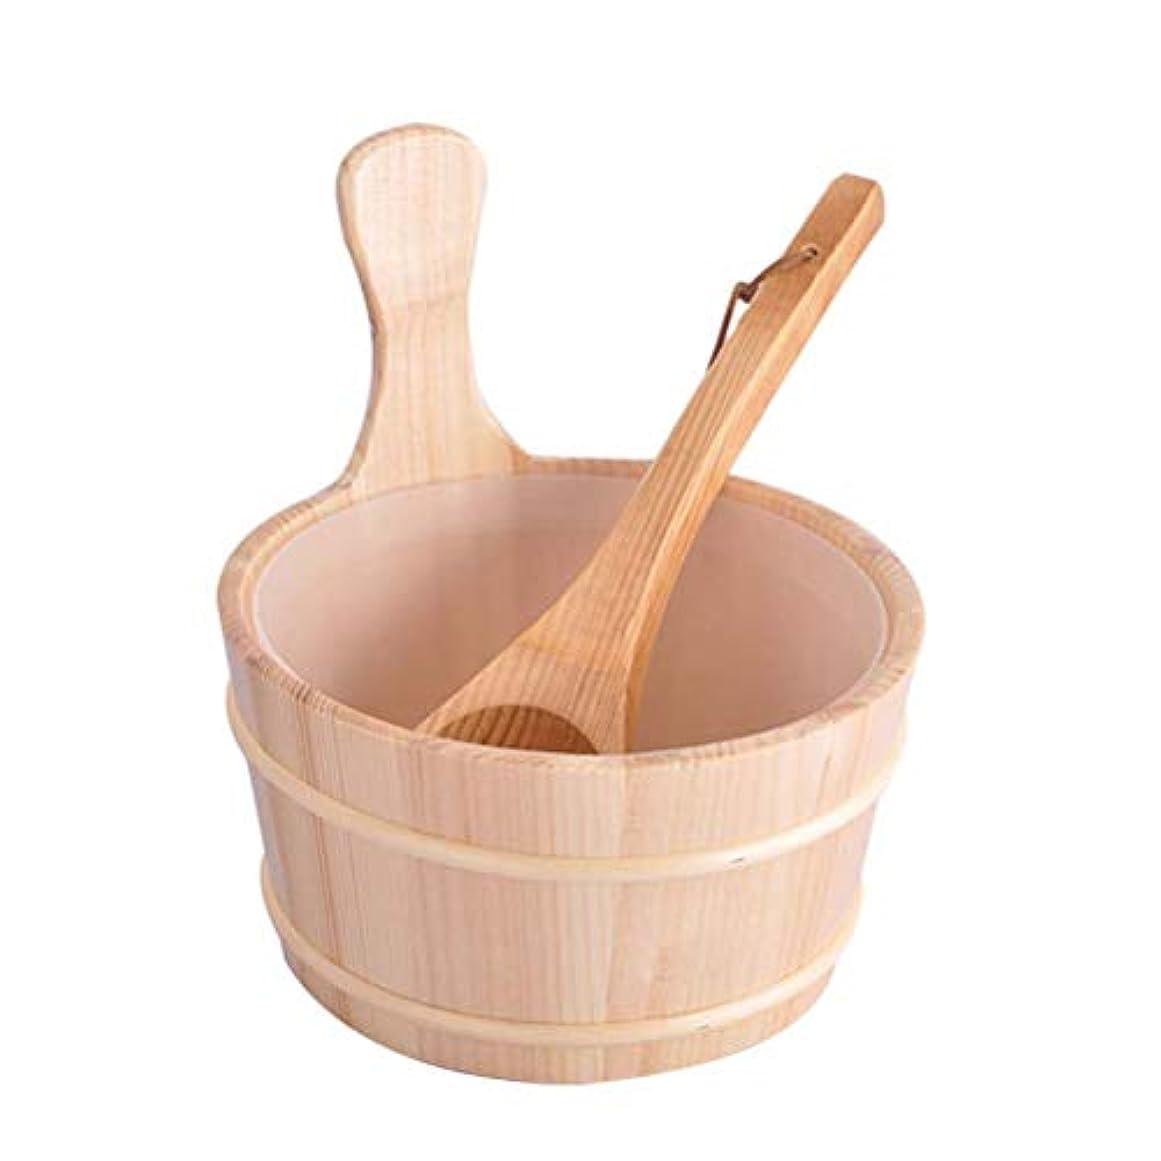 手配するいとこ傾向があるHealifty 2個入りサウナ木製バケツとひしゃくキットサウナとサウナルーム用のライナー付きスパバケット(ニュートラルスタイル)